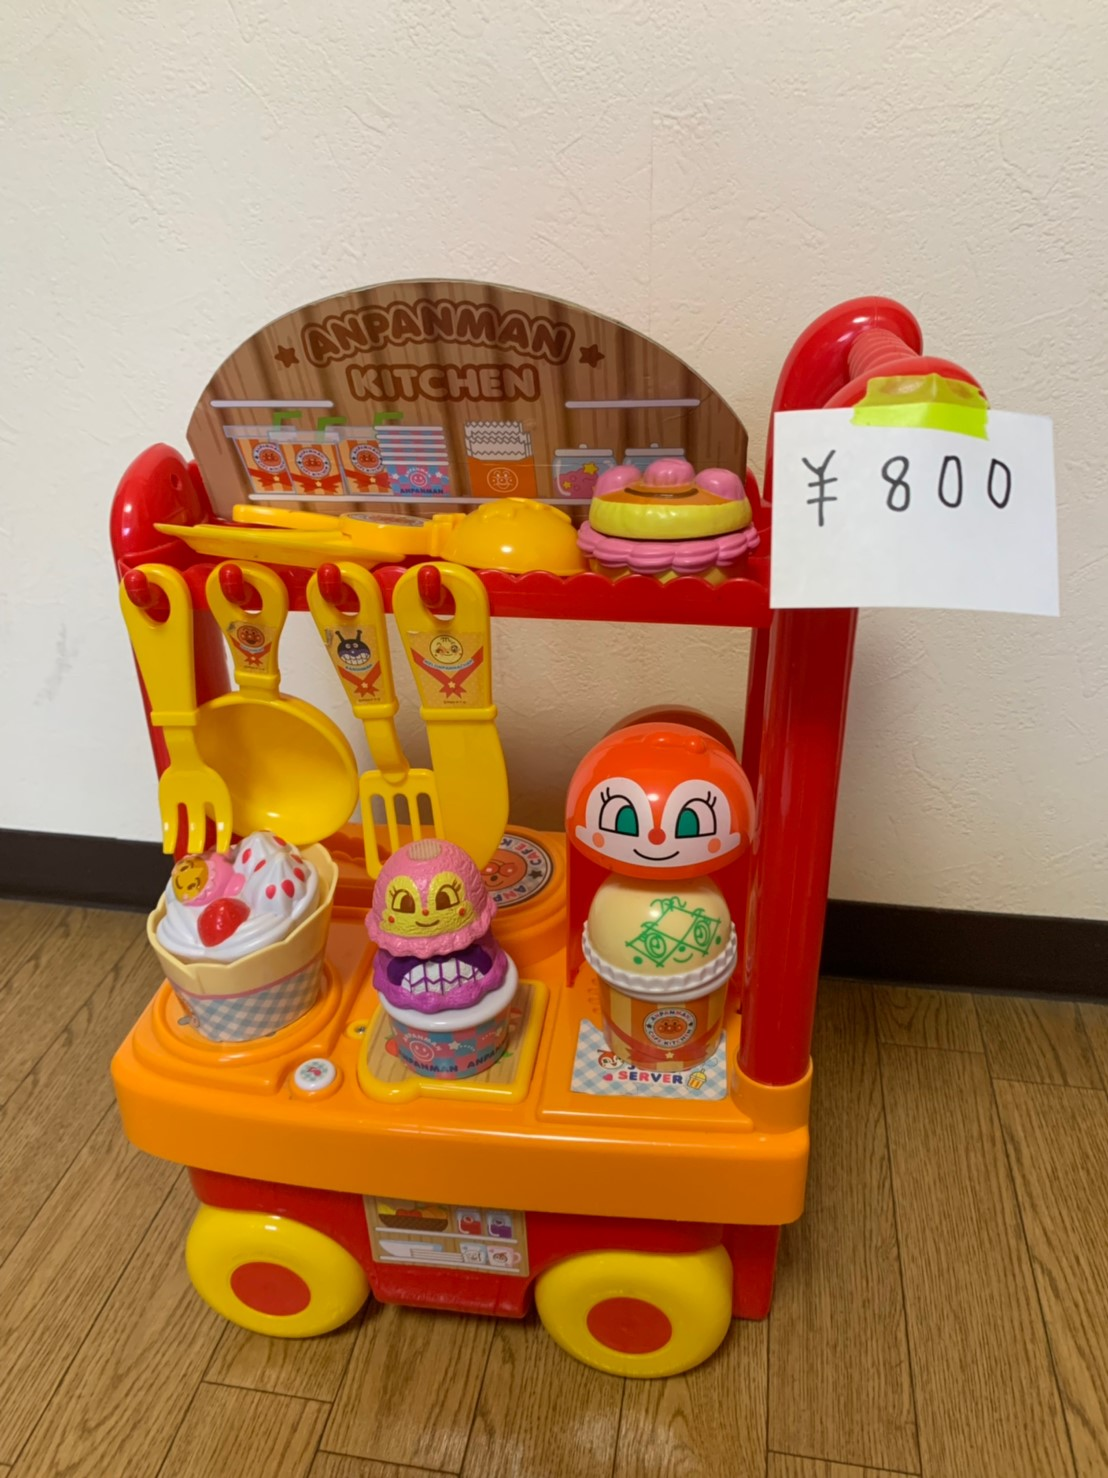 ④アンパンマンキッチン 800円 売切